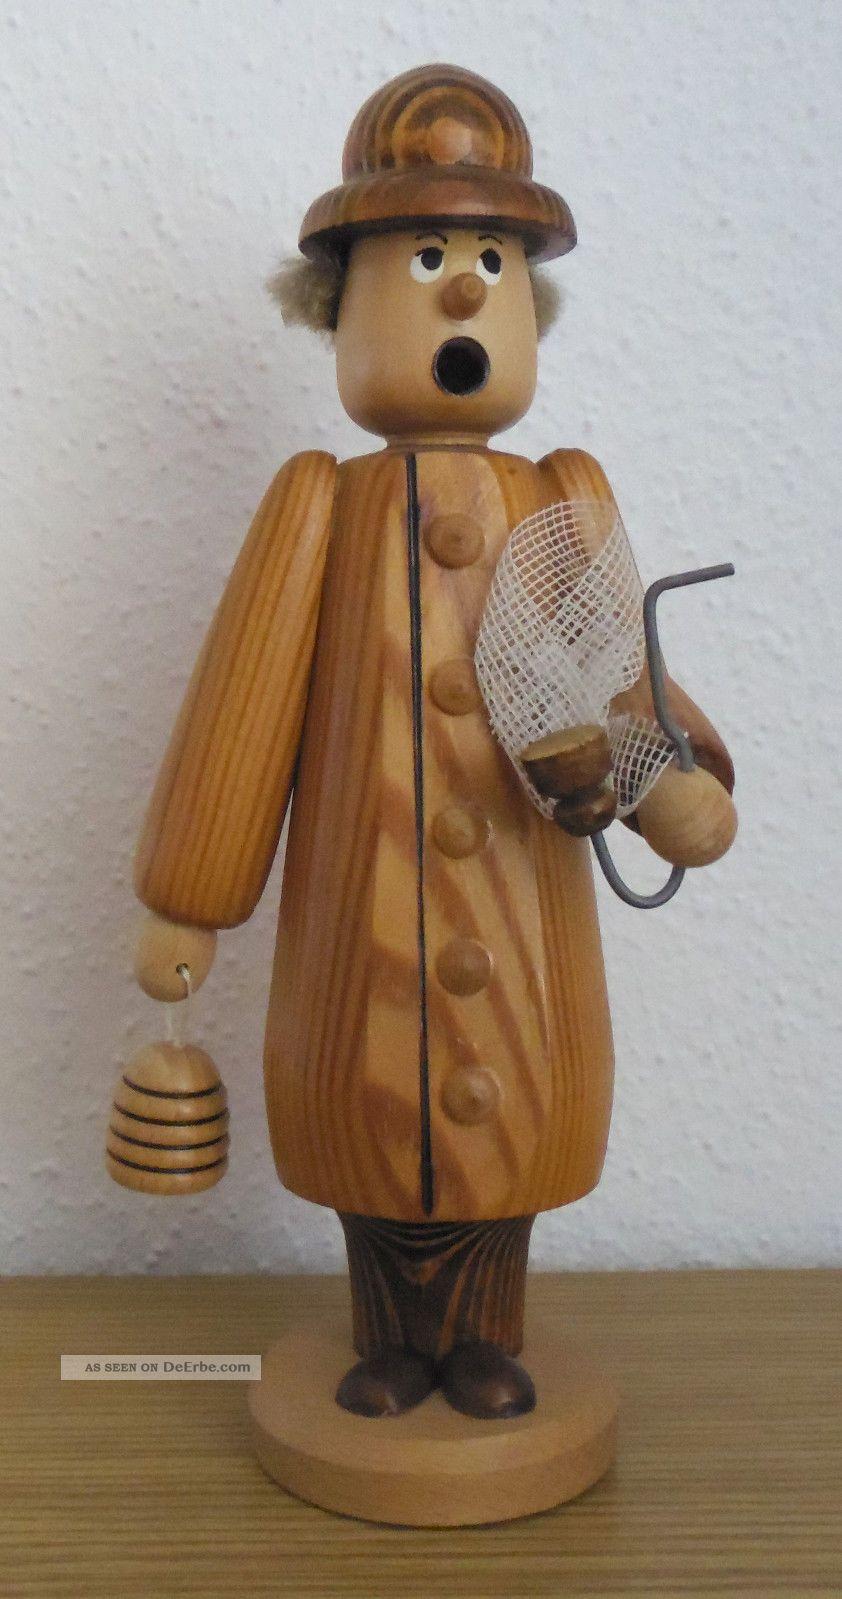 Räuchermännchen - Räucherfigur - Imker - Erzgebirge Objekte nach 1945 Bild